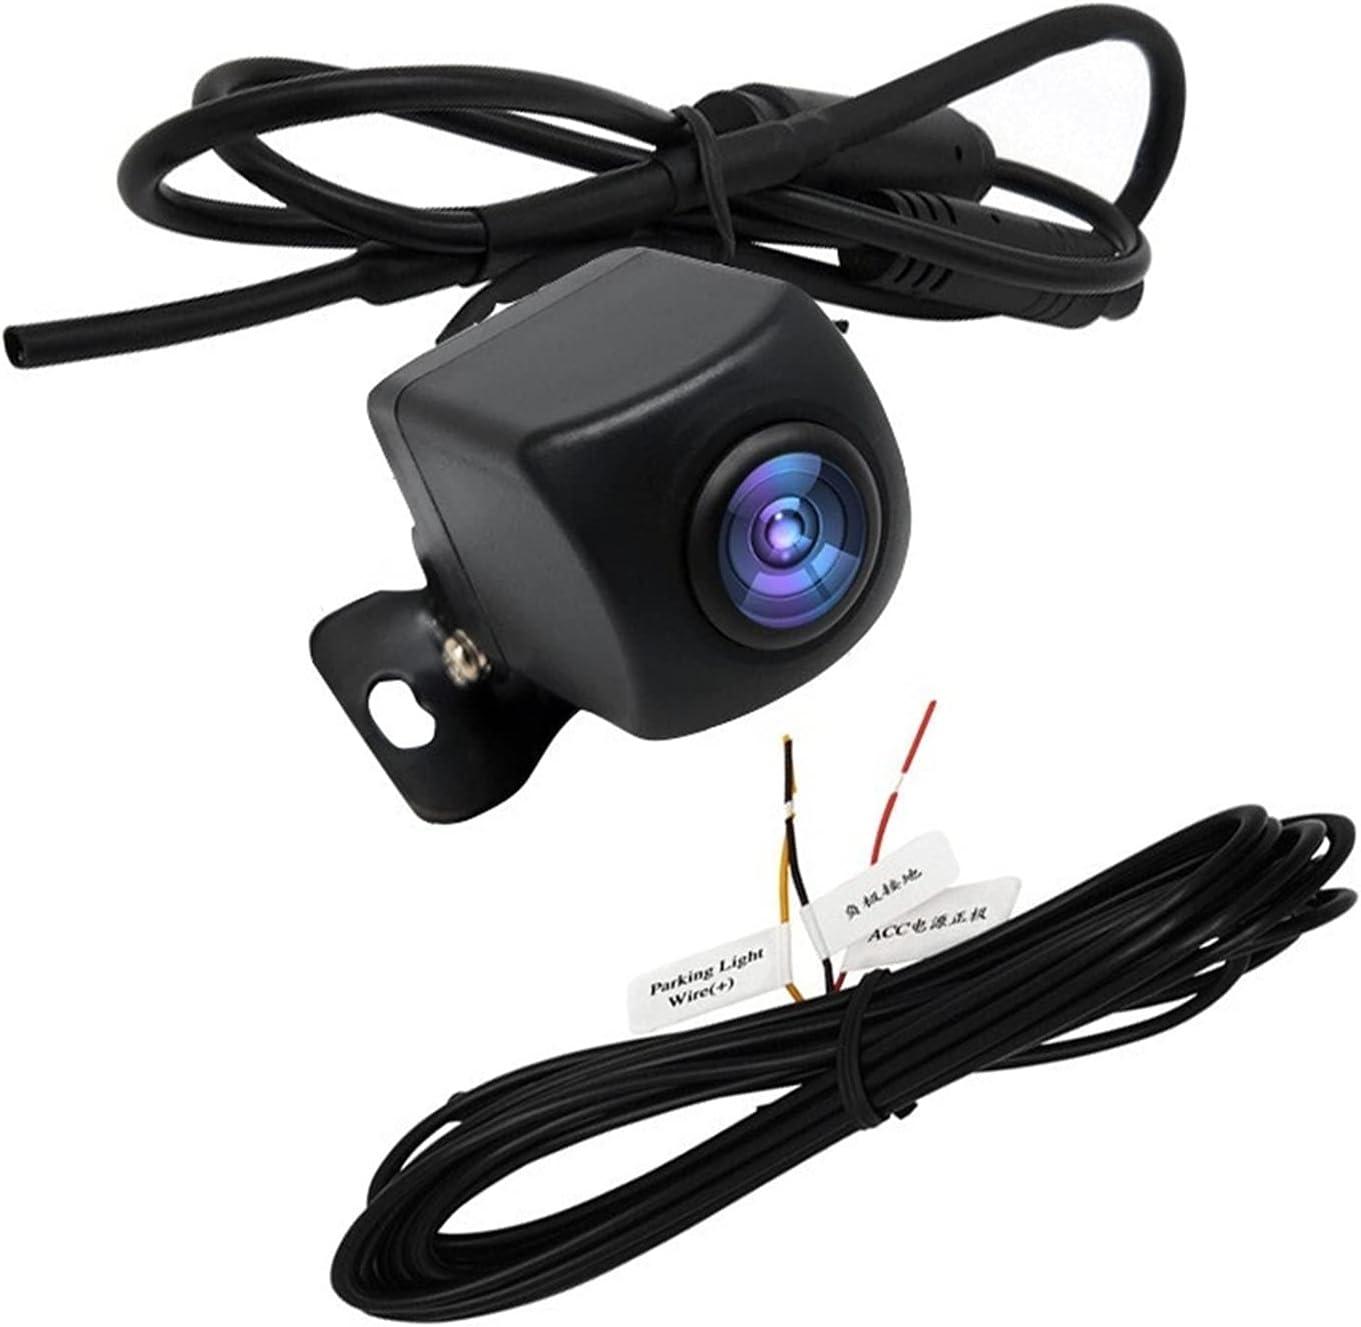 Video del coche 108 0P HD WiFi Coche Vista posterior Reversión de respaldo Aparcamiento Monitor de cámara Kit de cámara Noche Universal Cámara Cámara de respaldo Cámara para carros